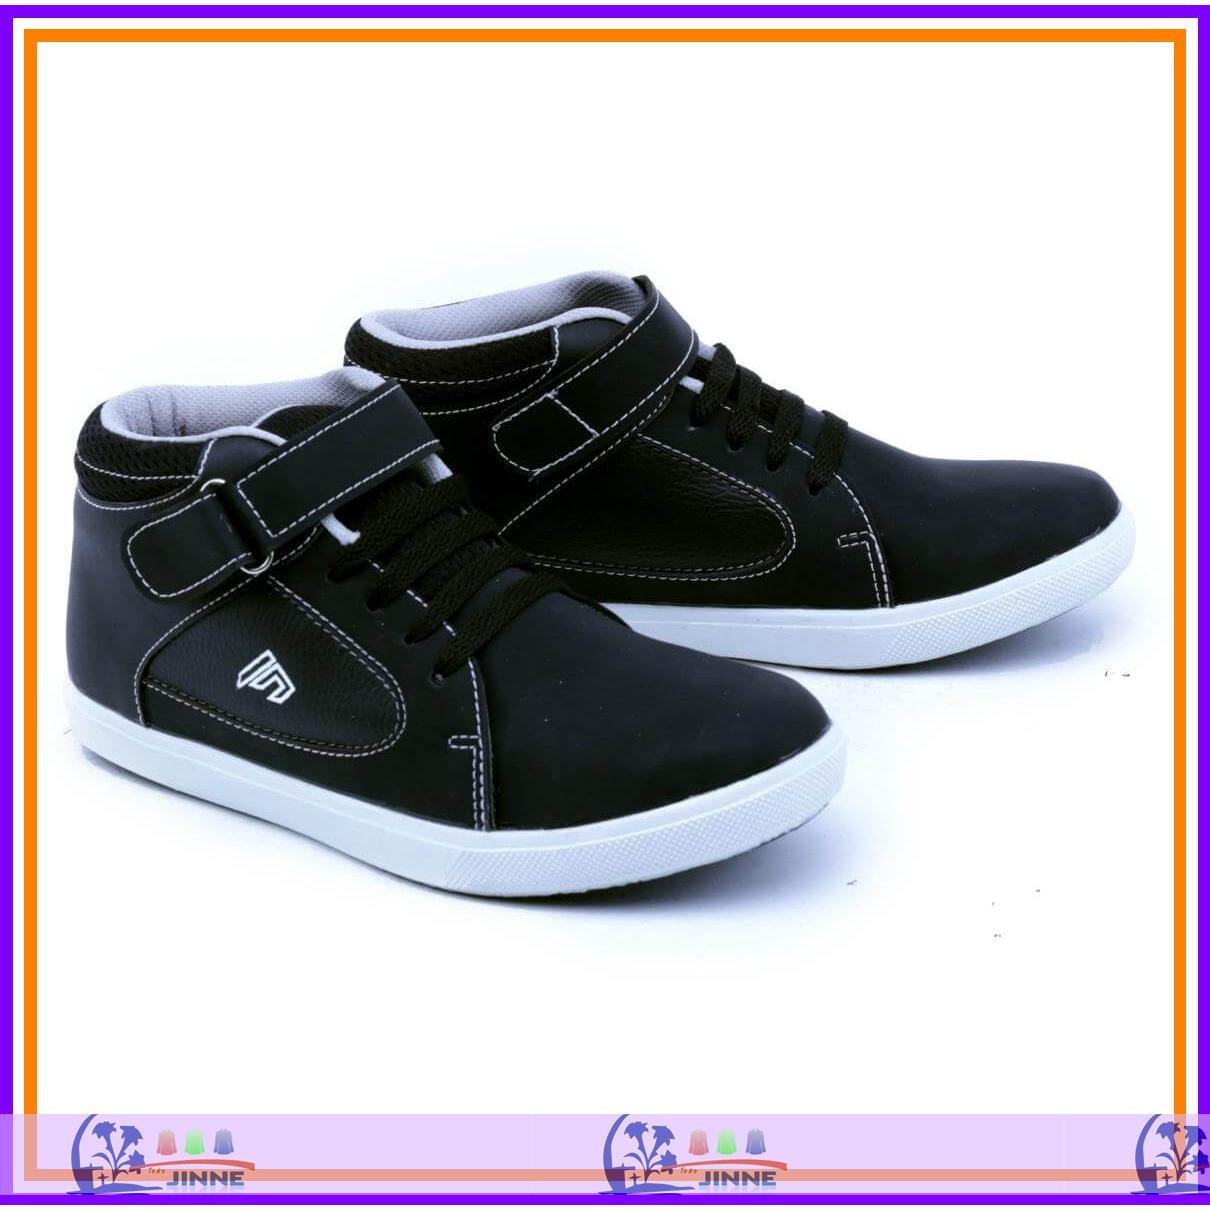 TJGDA 9508 Sepatu Sneakers Anak laki laki warna hitam Sepatu sekolah